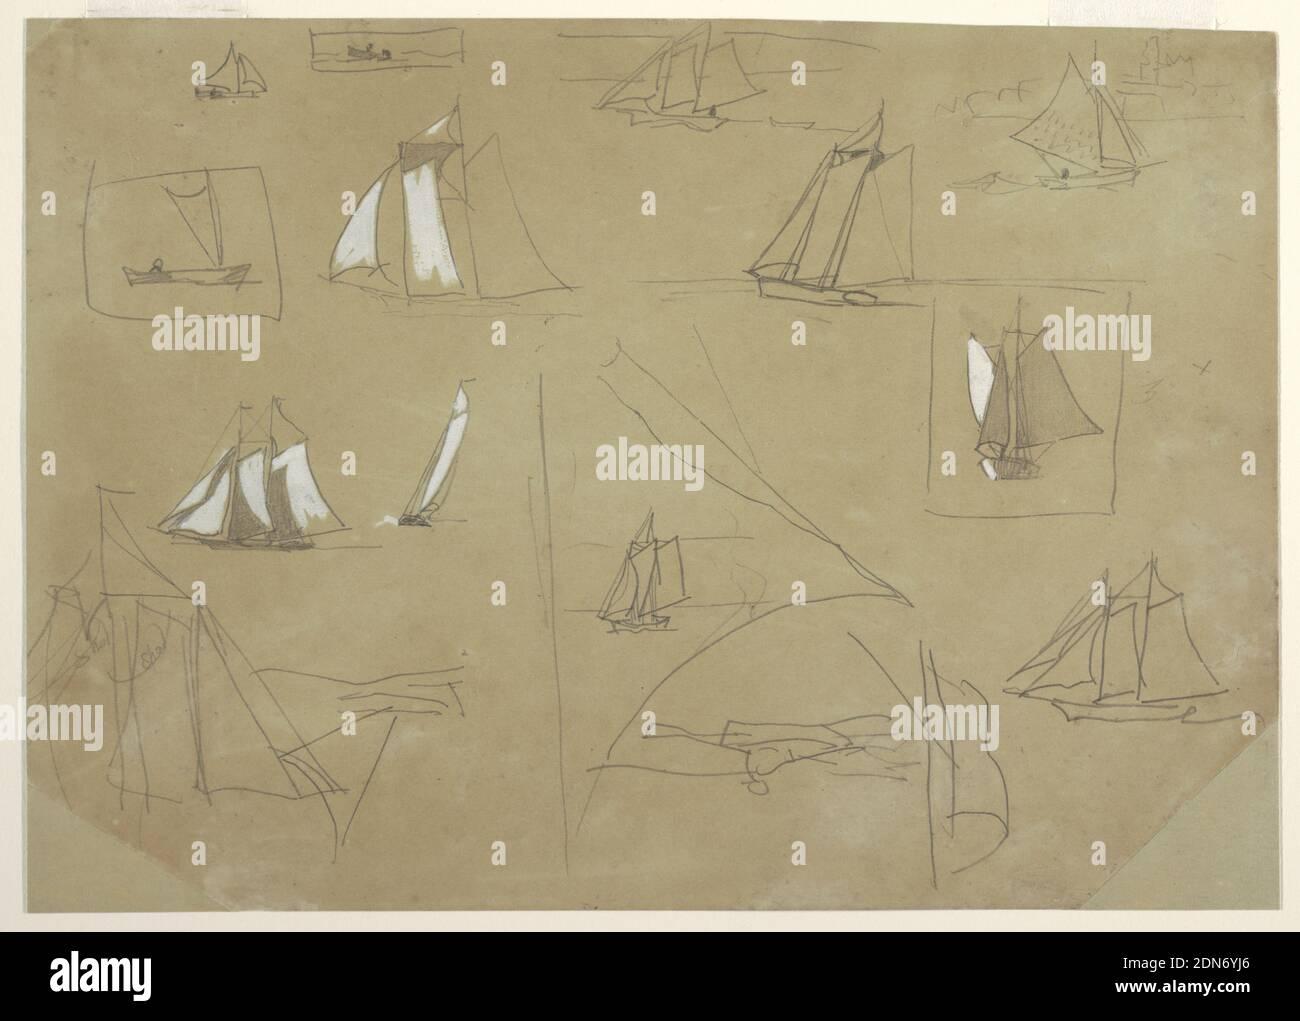 Bocetos de barcos de vela, Winslow Homer, American, 1836–1910, grafito, brocha y gouache blanco sobre papel marrón claro, boceto horizontal que muestra doce barcos de vela y, invertido en la parte inferior de la hoja, un bote de remos. Tres bocetos de velas; el que está en la parte inferior izquierda está inscrito dos veces con la palabra 'hal'. El barco dibujado en la esquina superior derecha aparece contra la ruina de Tynemouth Priory en el fondo., probablemente Cullercoats, Inglaterra, 1880, sazcapes, dibujo Foto de stock